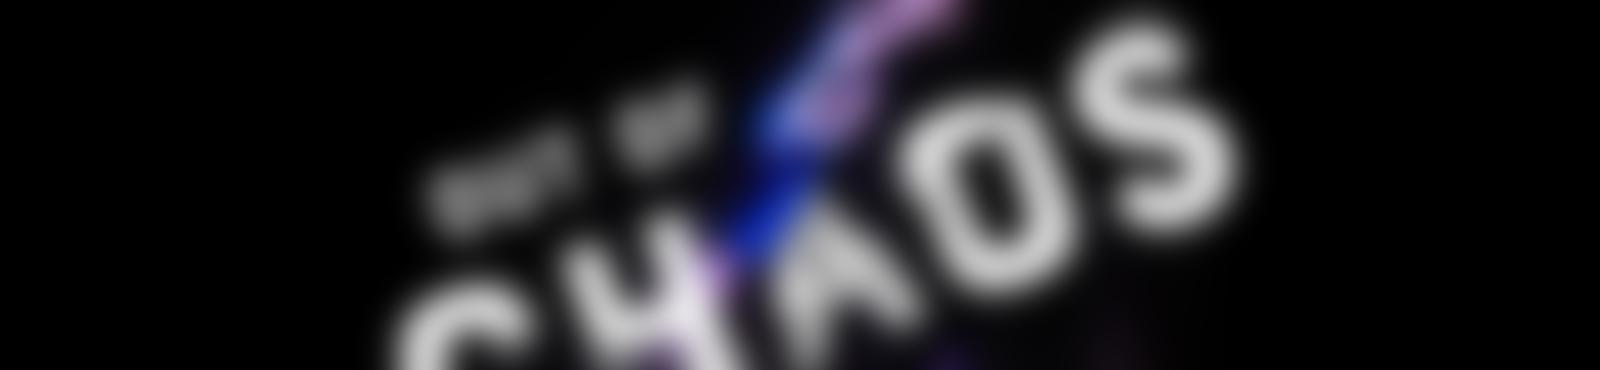 Blurred 806e5266 1d2c 42b7 a351 b5ff8642df47